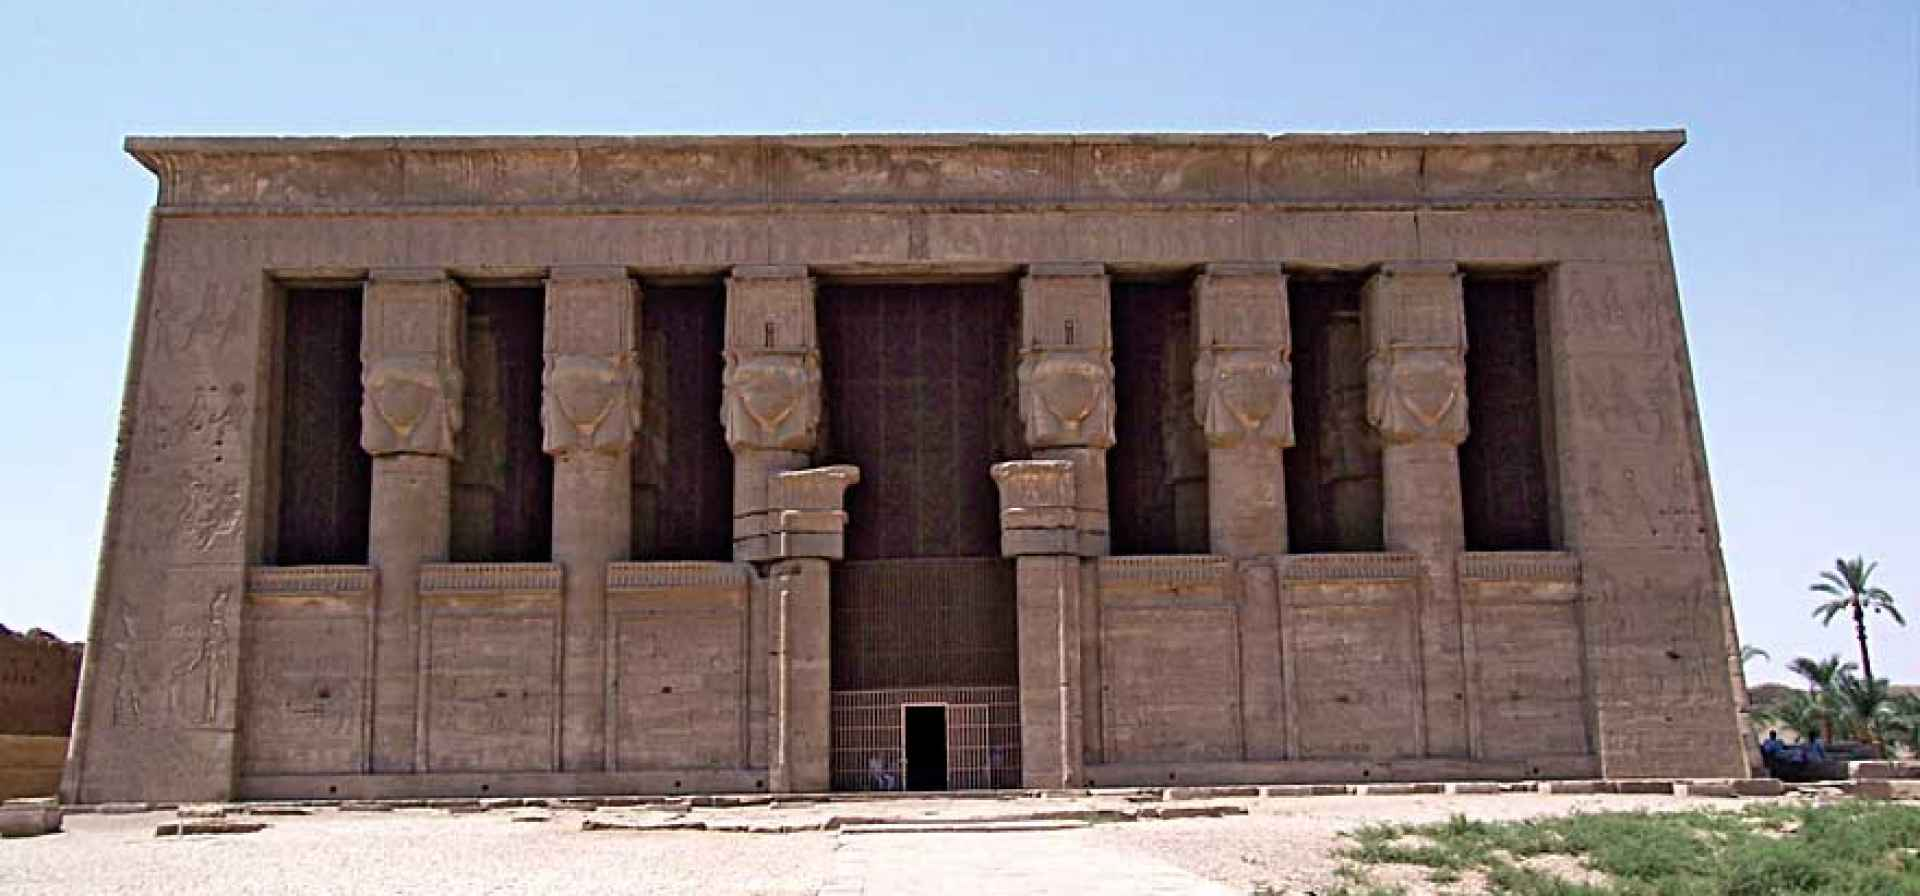 Dendara Temple